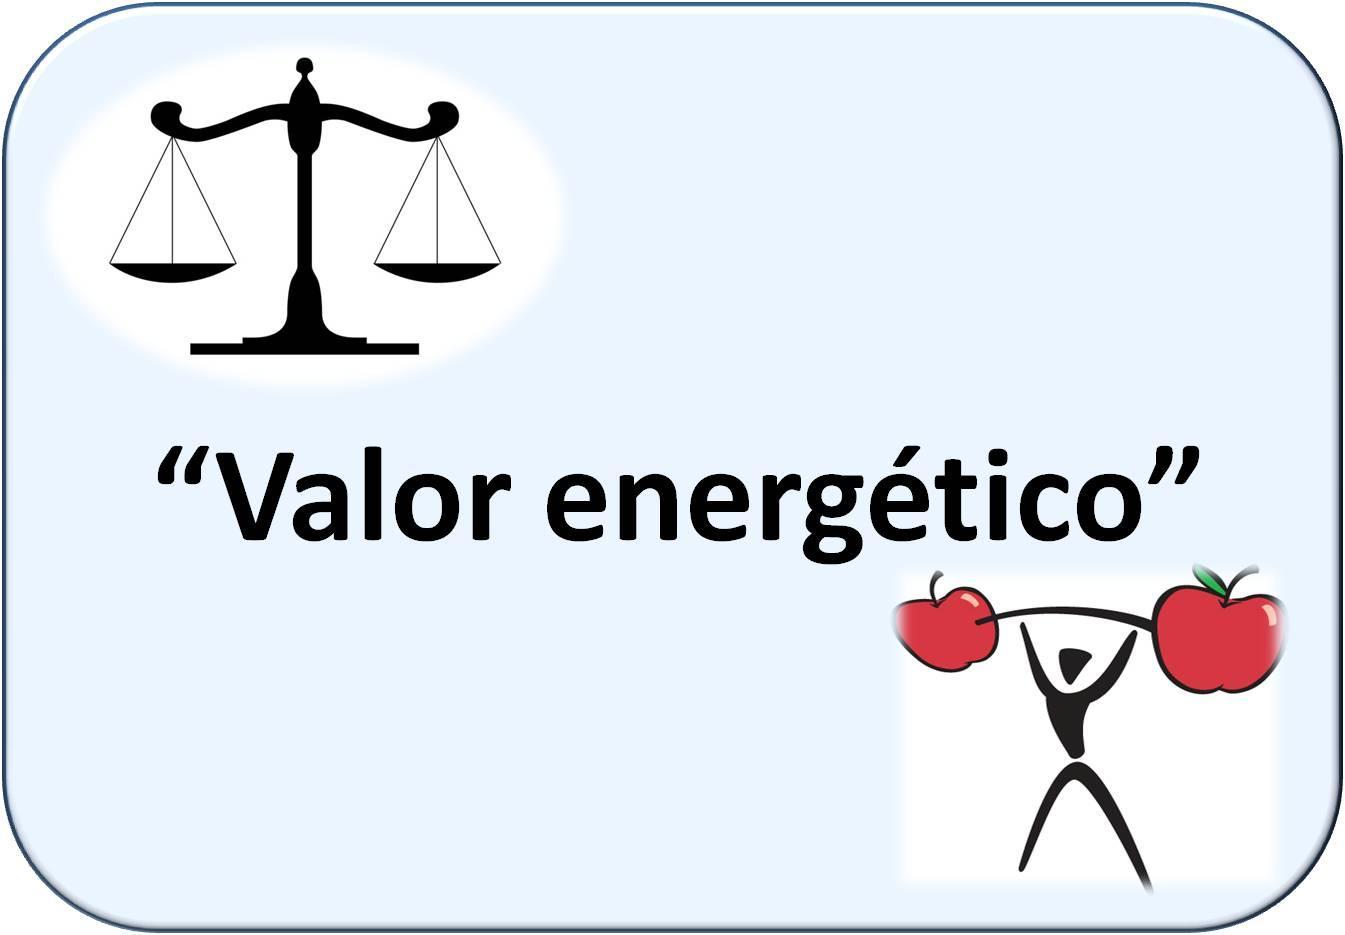 Símbología de Valor energético: una balanza y una persona levantando pesas